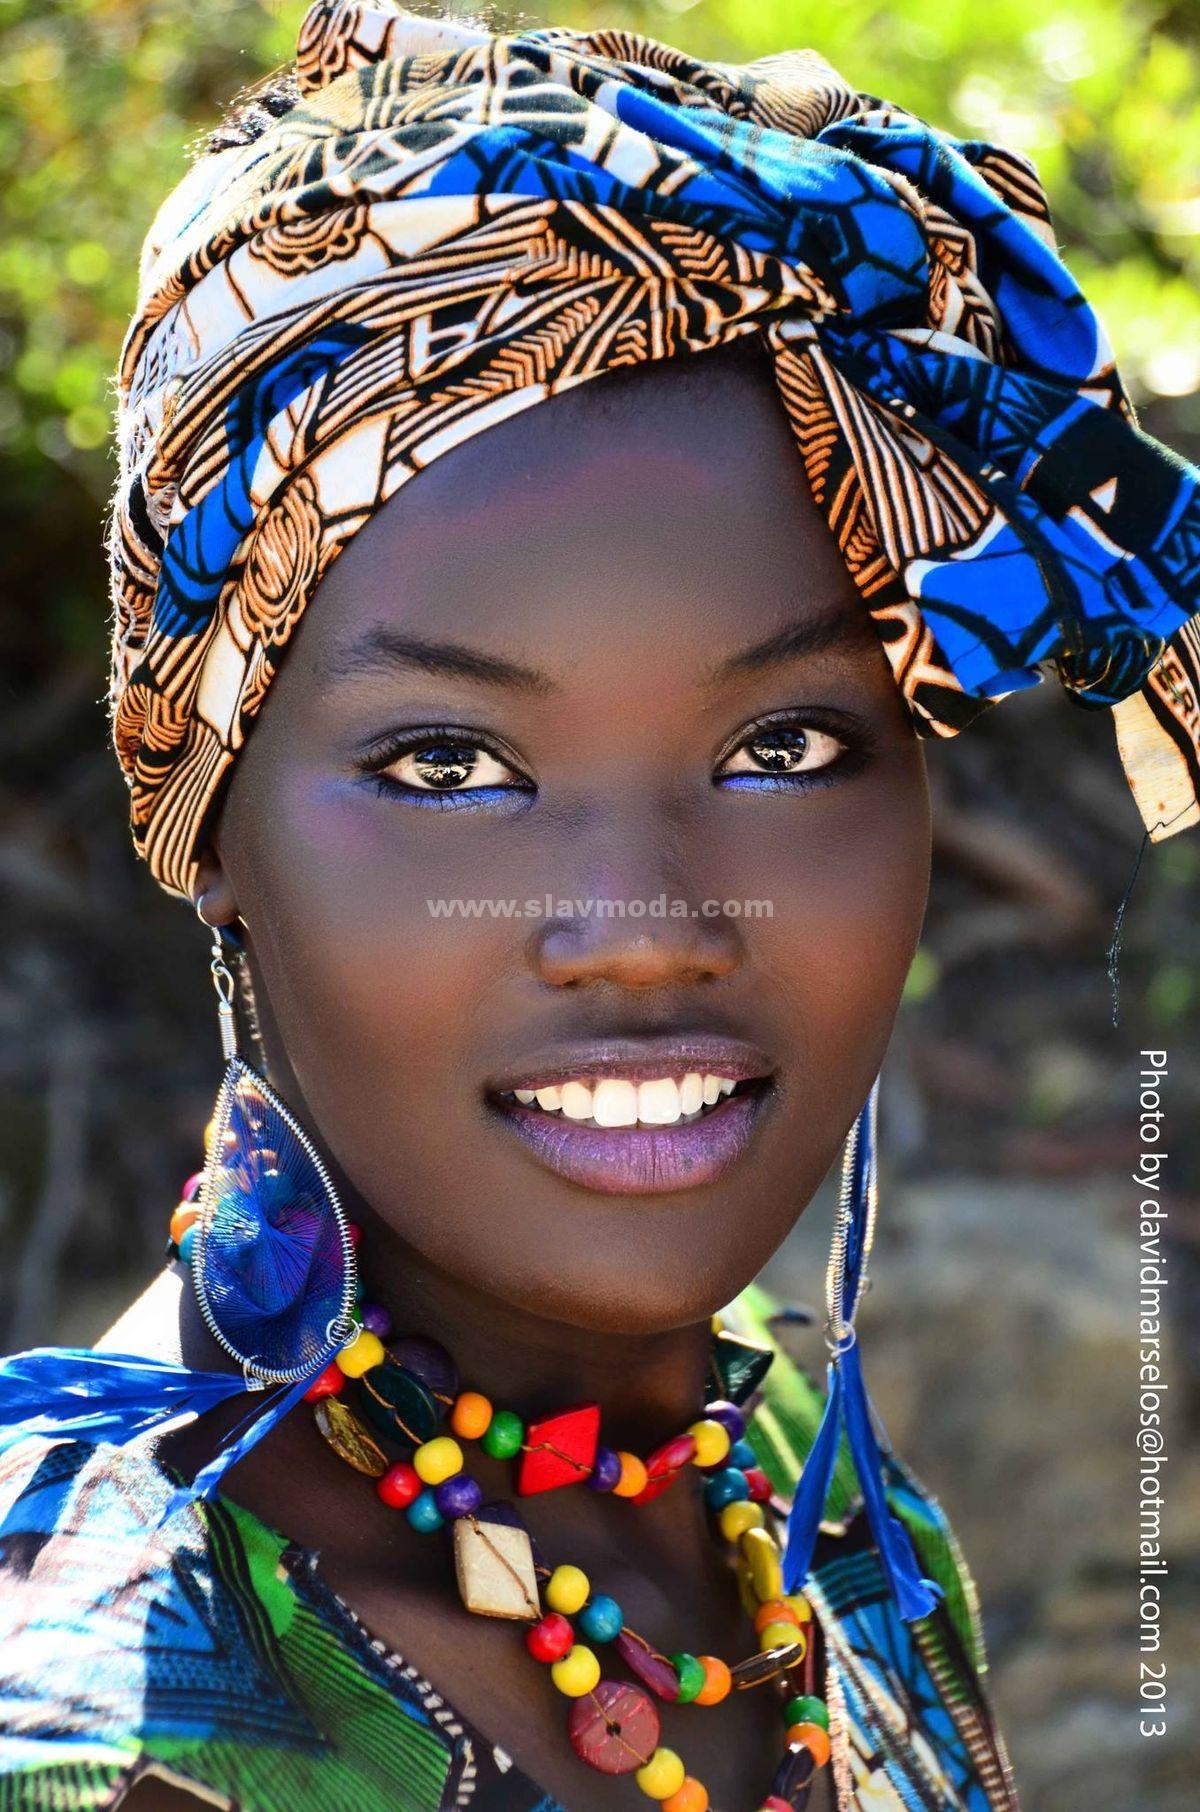 Фото африканской красавицы. История и особенности этно-стиля.